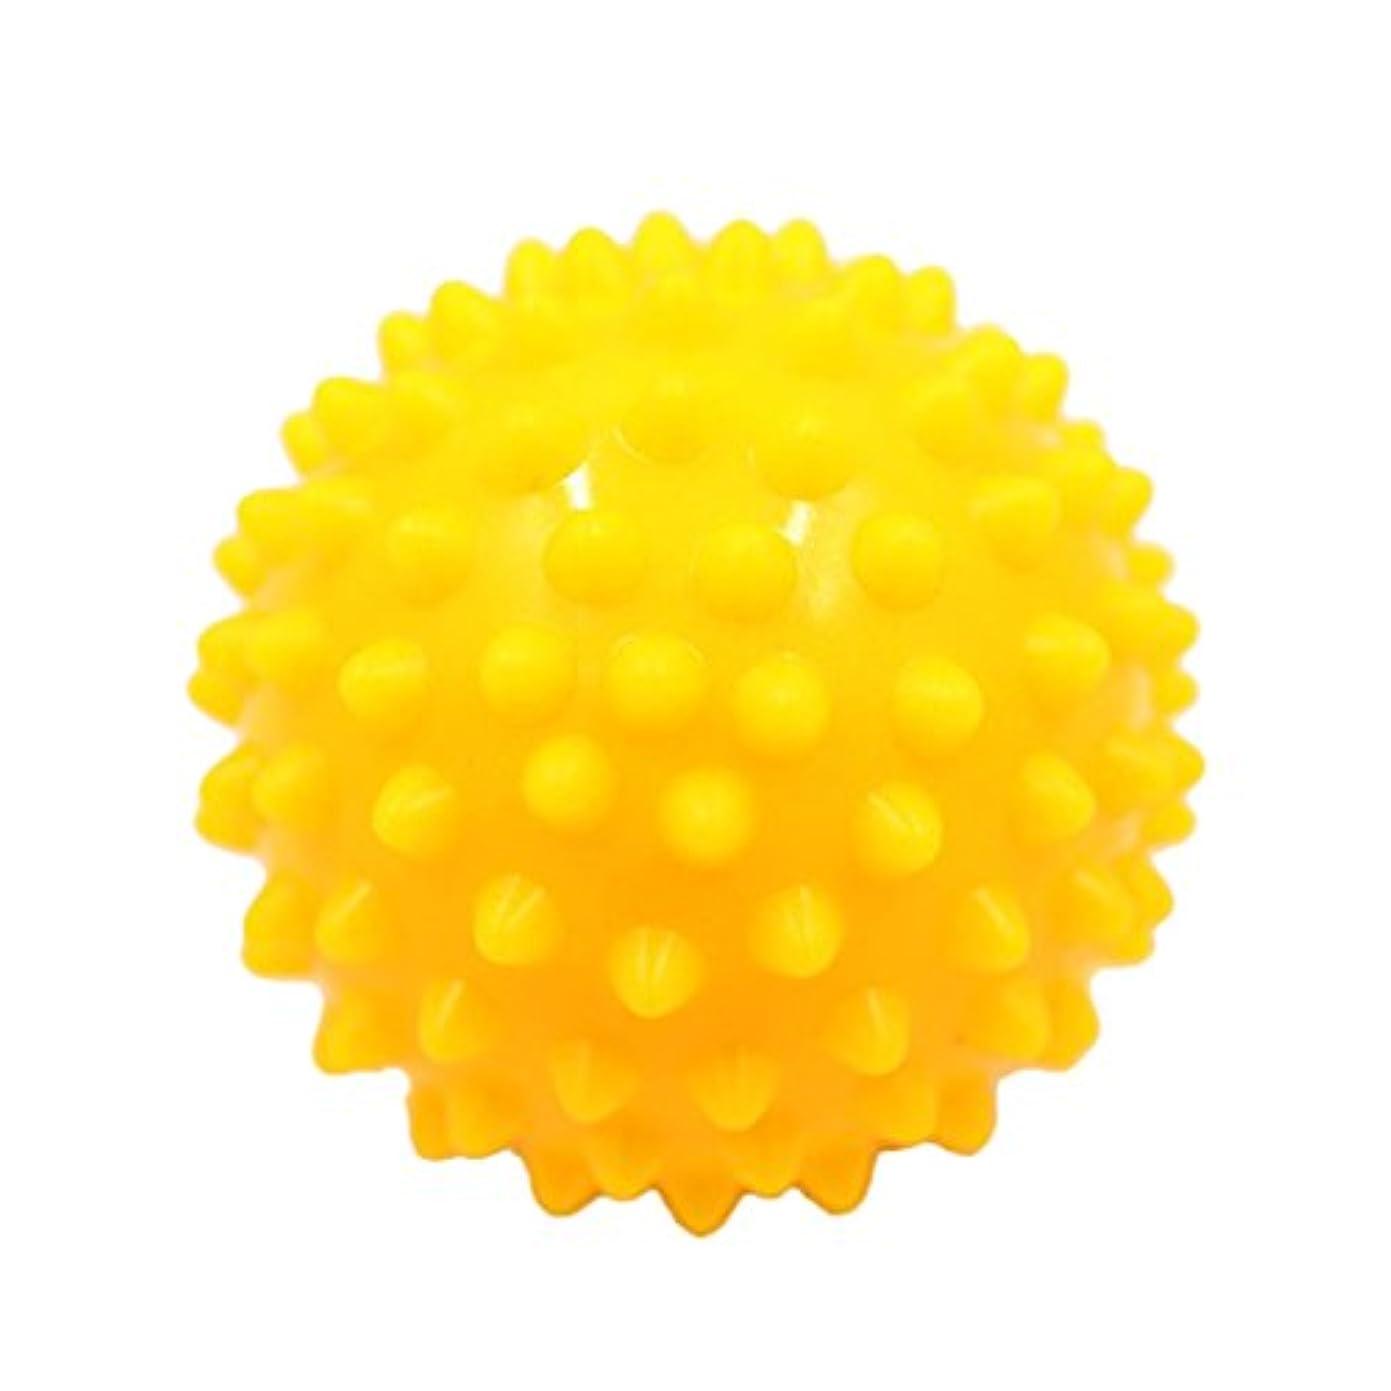 あたたかいしないでくださいまたはKesoto マッサージボール マッサージ器 ボディ パームレリーフ スパイク マッサージ 刺激ボール 3色選べ - 黄